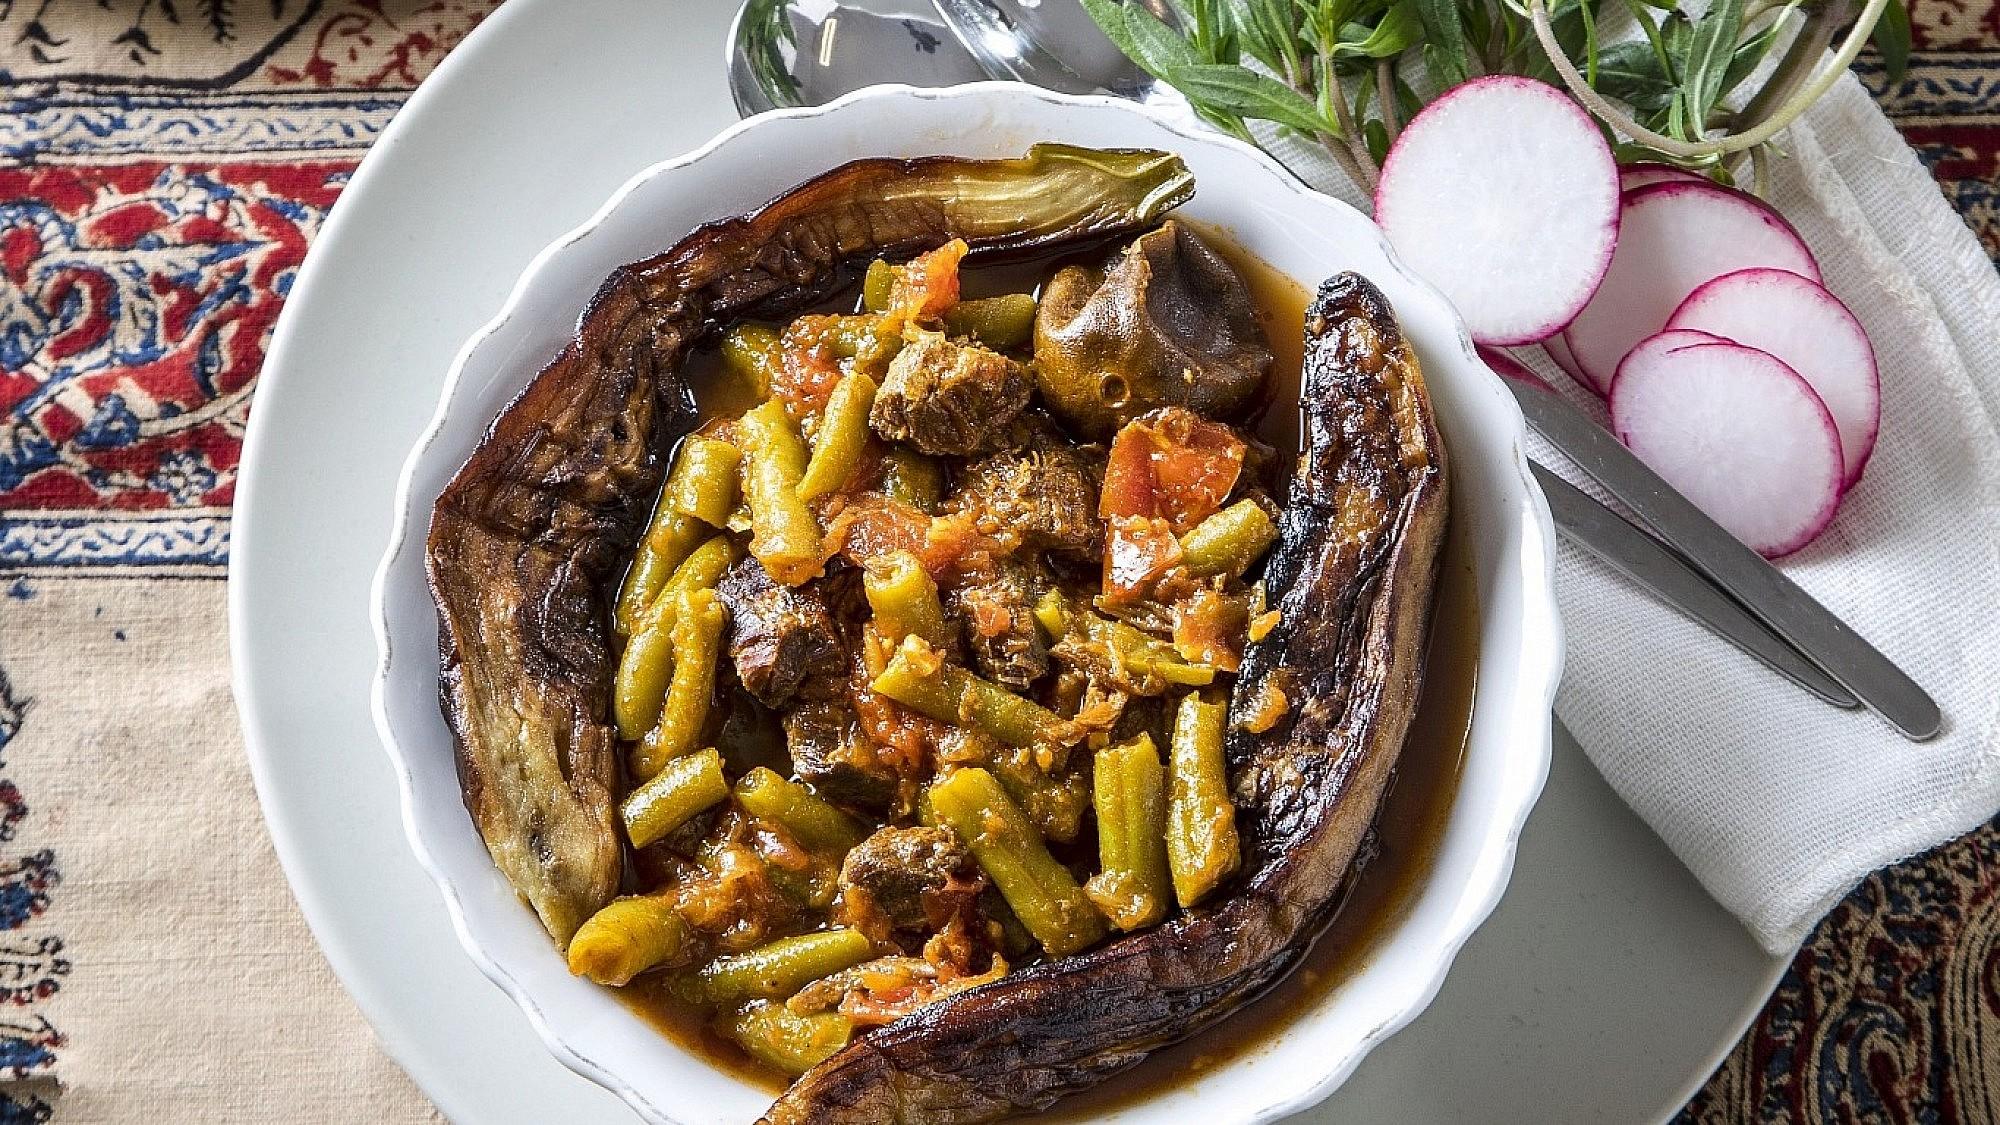 חורשט לוביה - בשר בקר עם לימון פרסי ולוביה של שפית דיאנה רחמני. צילום: אפיק גבאי